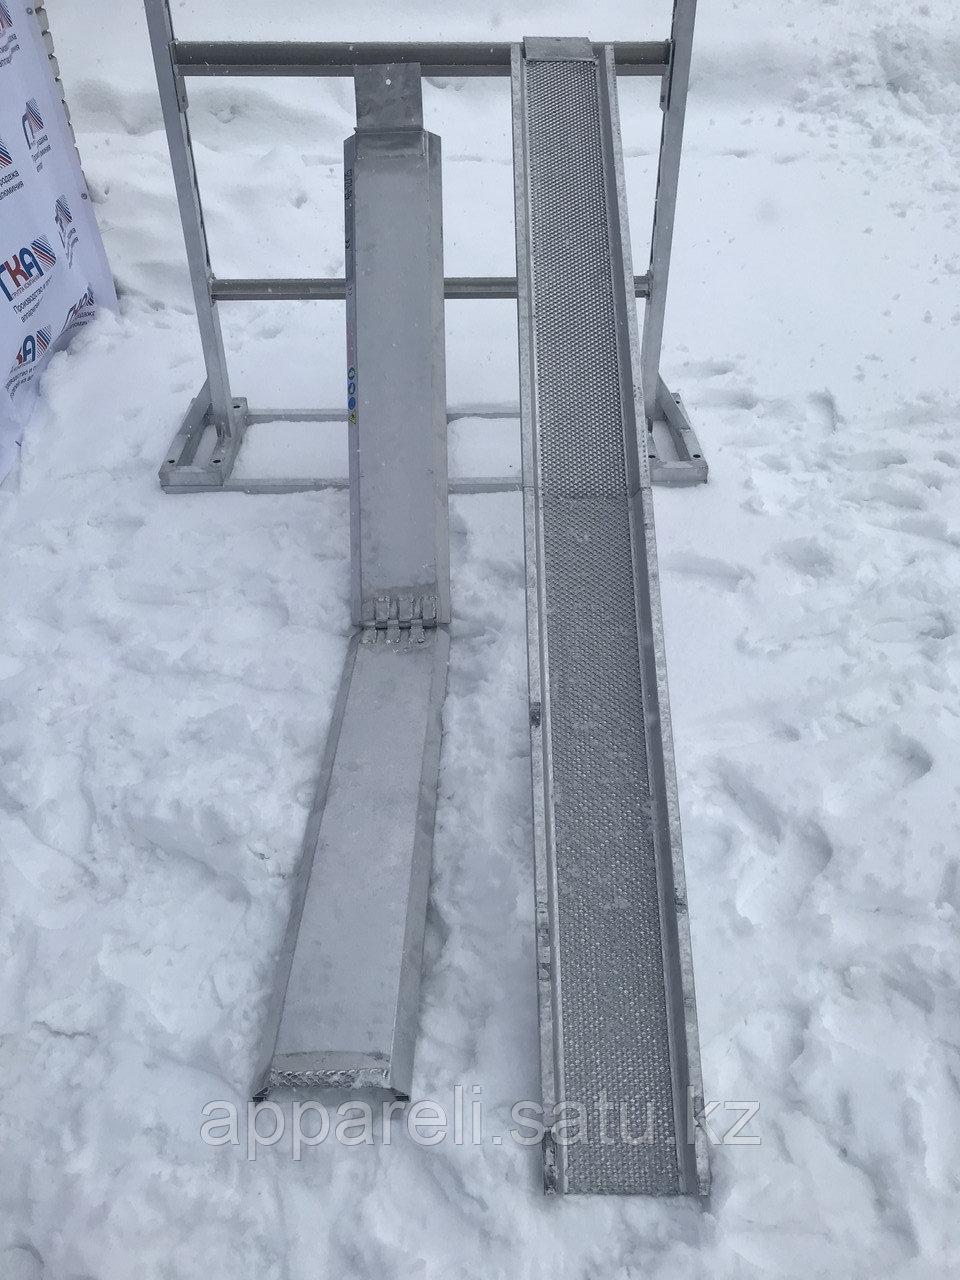 Алюминиевые трапы 500 кг от производителя